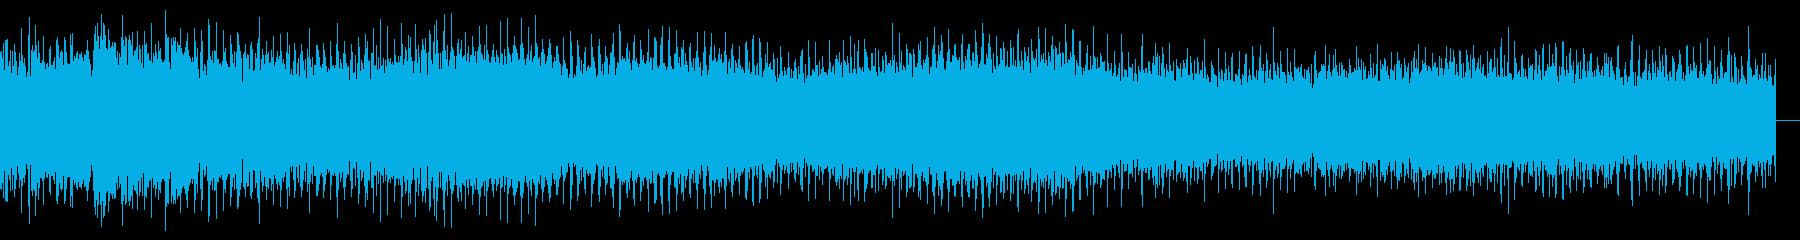 左右に少しずつ異なる安定したペース...の再生済みの波形